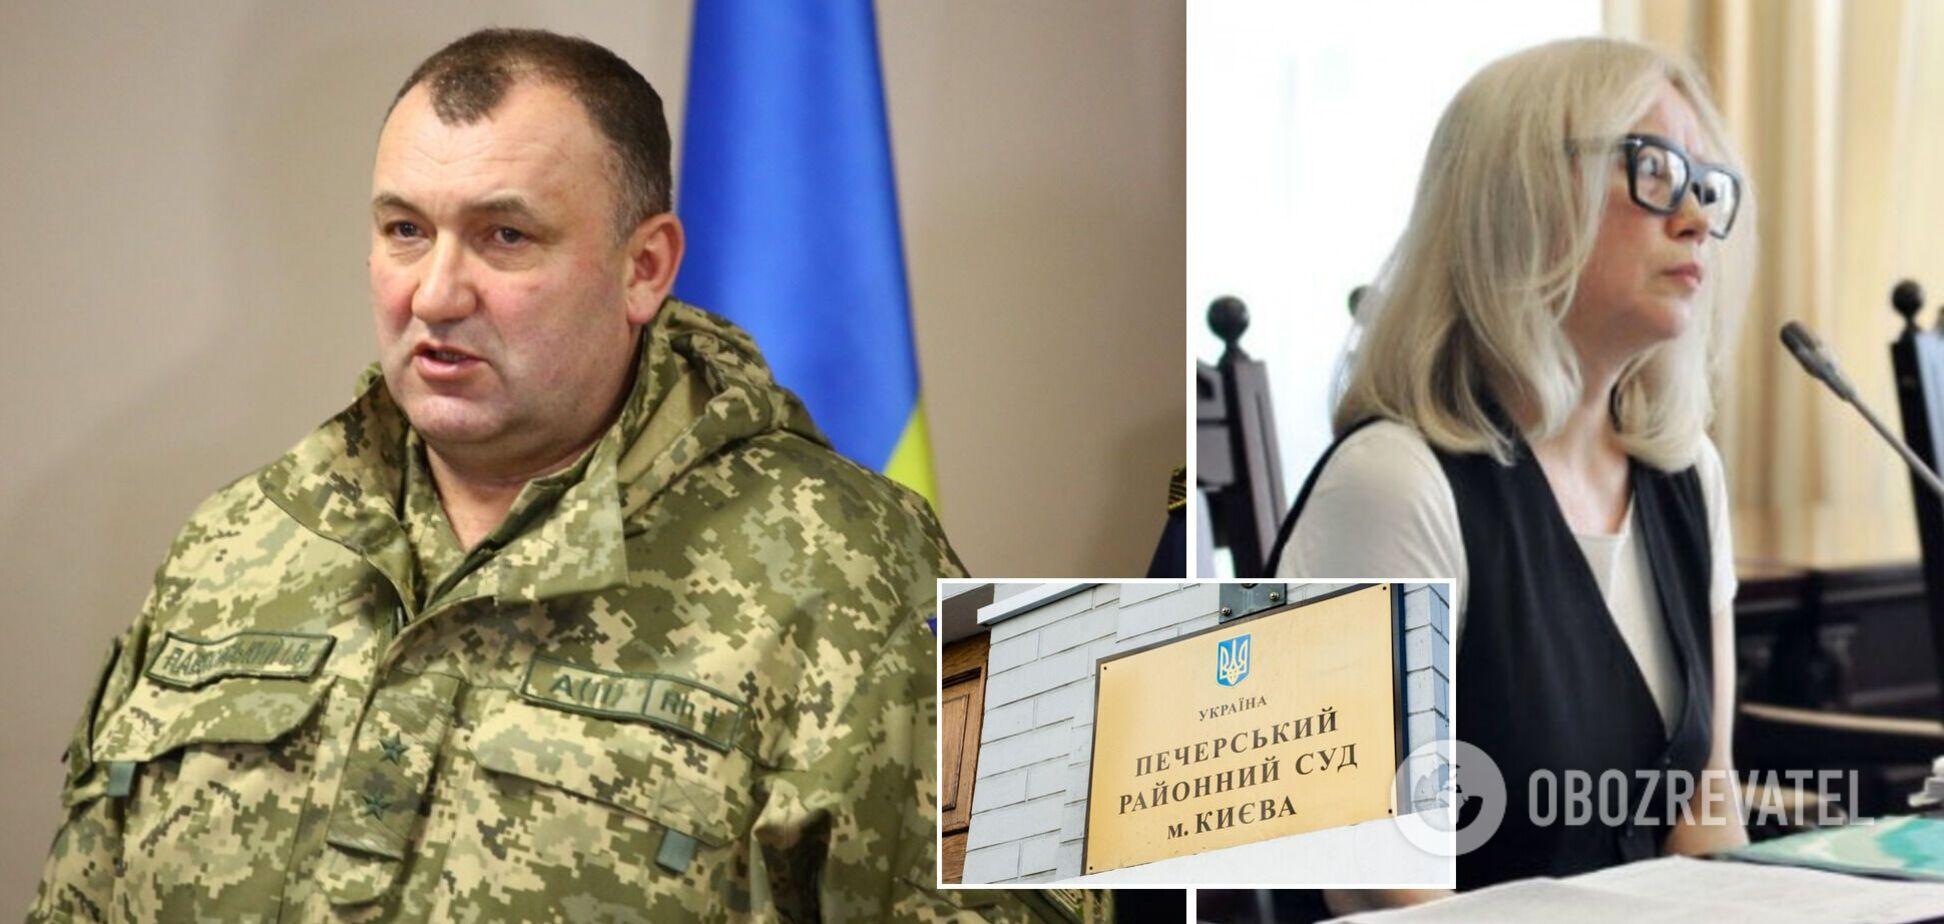 До судді Волкової, яка продовжила арешт генералу Павловському, немає довіри, а її рішення незаконне, – адвокатка